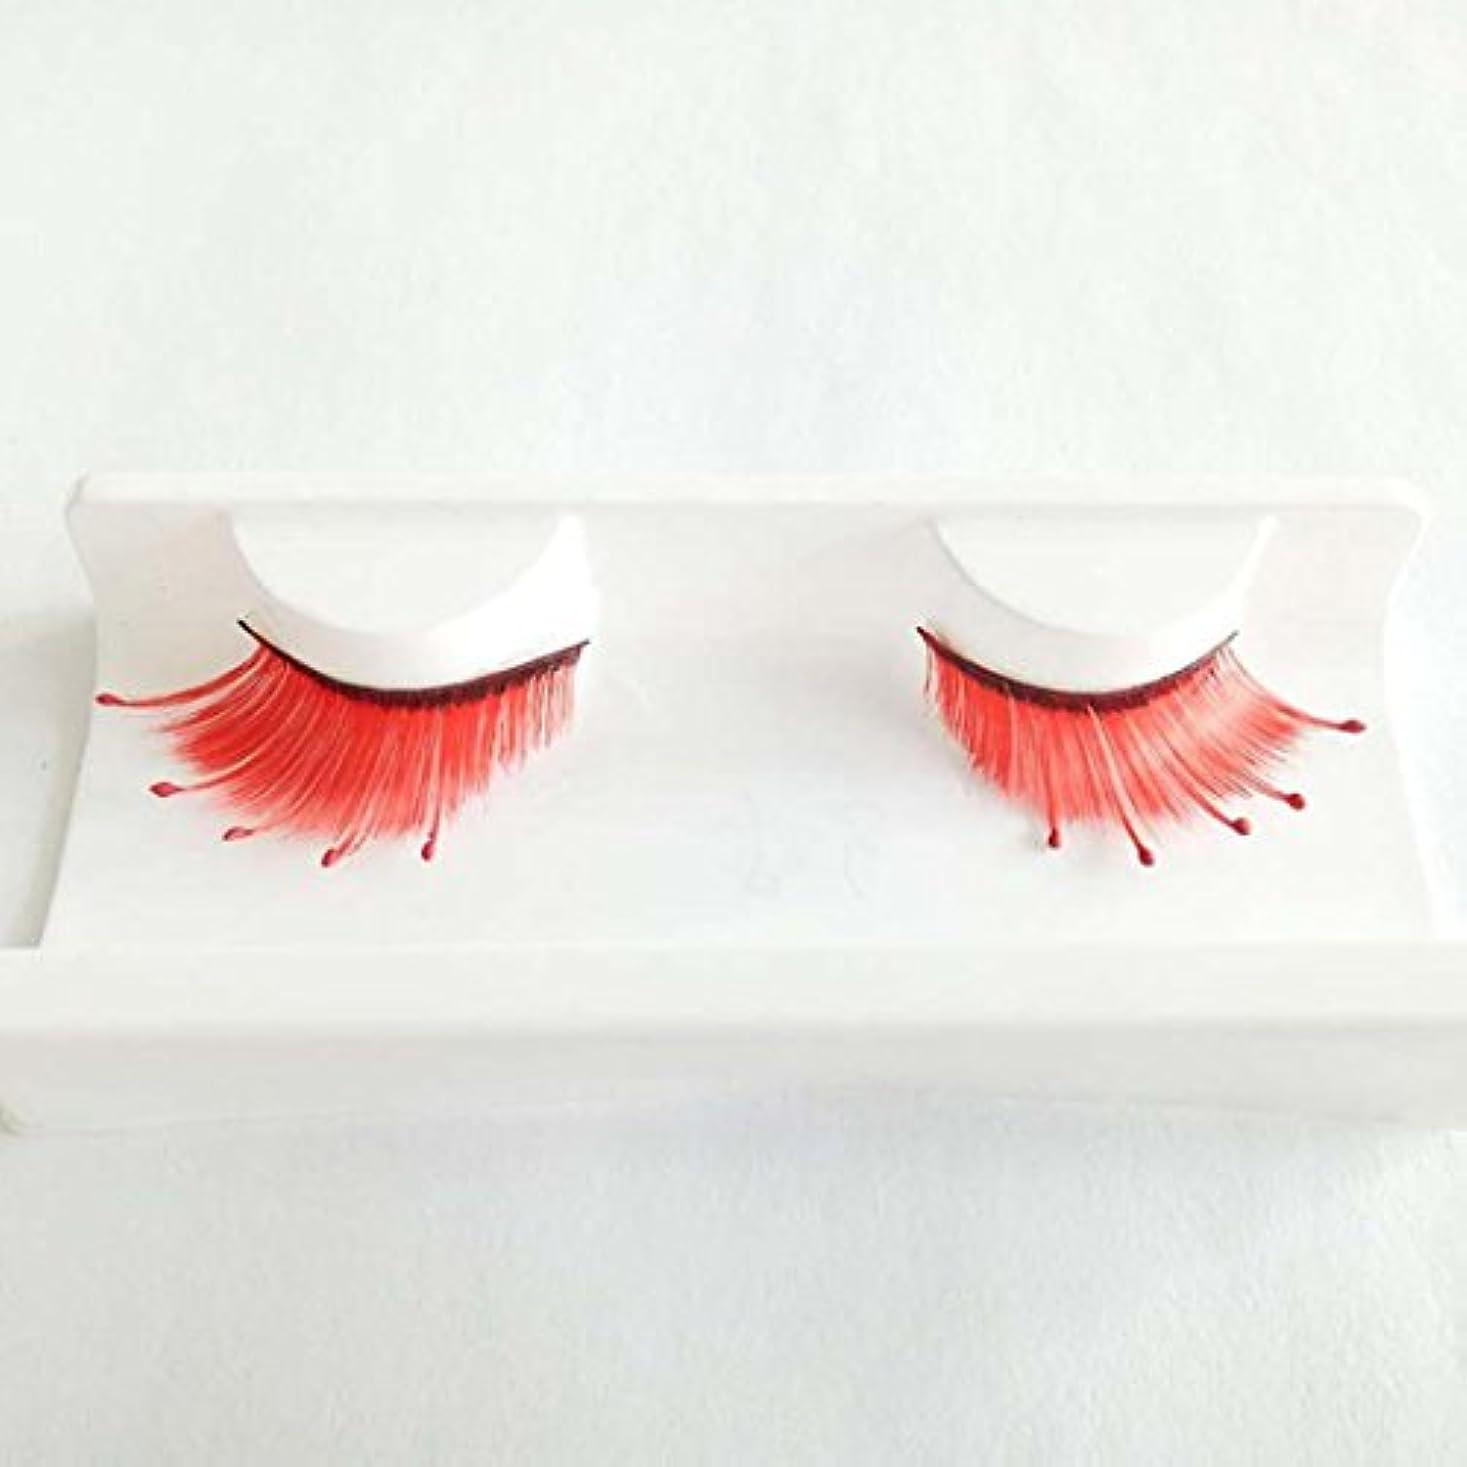 エスカレーターコンペ仕えるFeteso 1組 つけまつげ 上まつげ Eyelashes アイラッシュ ビューティー まつげエクステ レディース 化粧ツール アイメイクアップ 人気 ナチュラル 飾り 濃密 柔らかい プレゼント